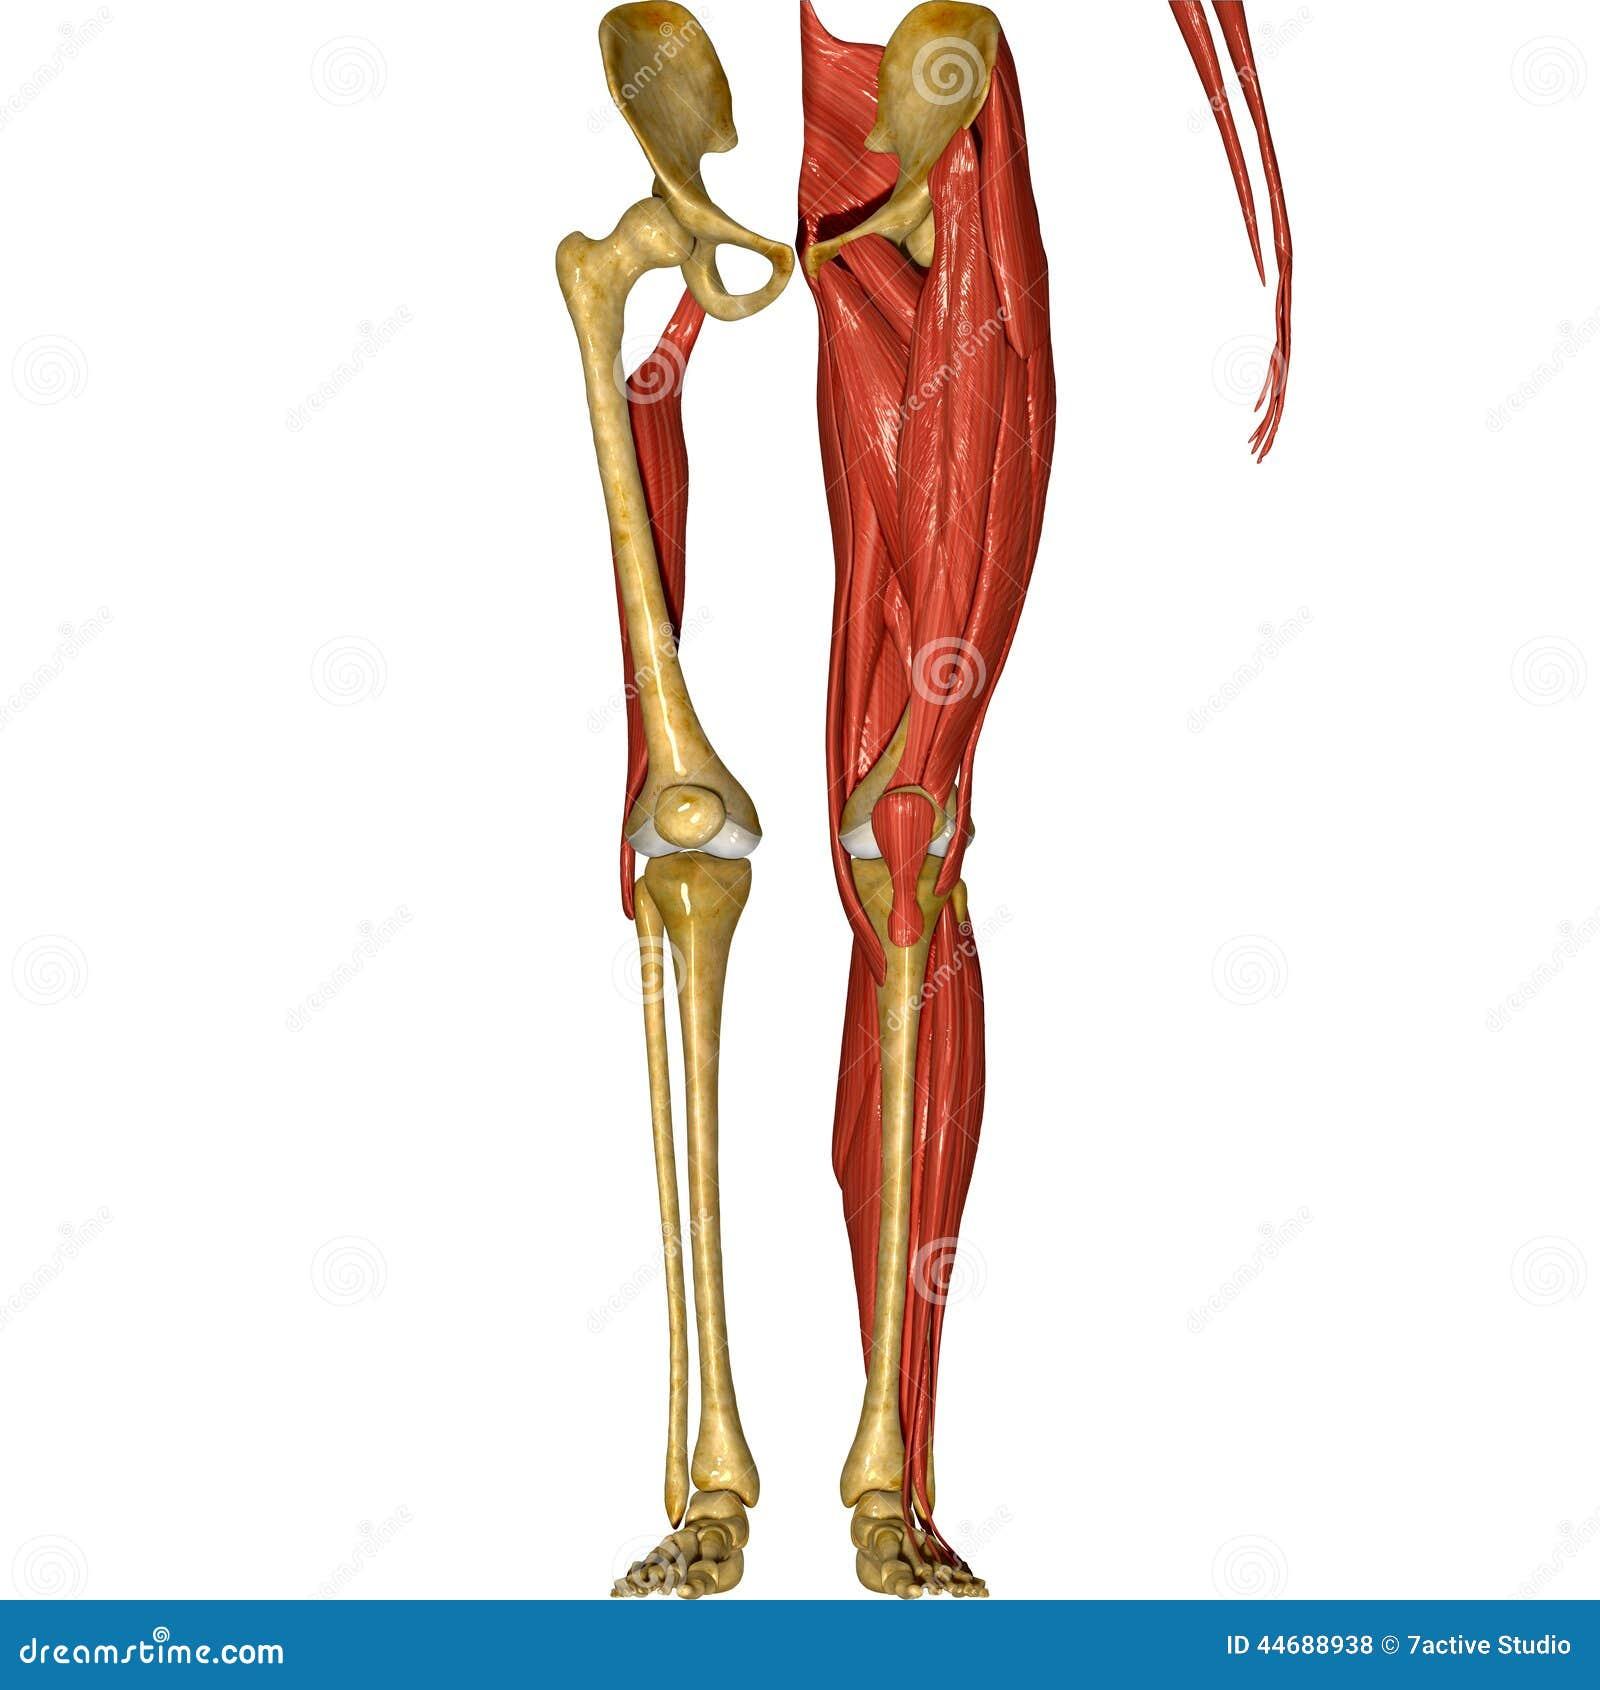 Skelett Und Muskeln Von Beinen Stock Abbildung - Illustration von ...